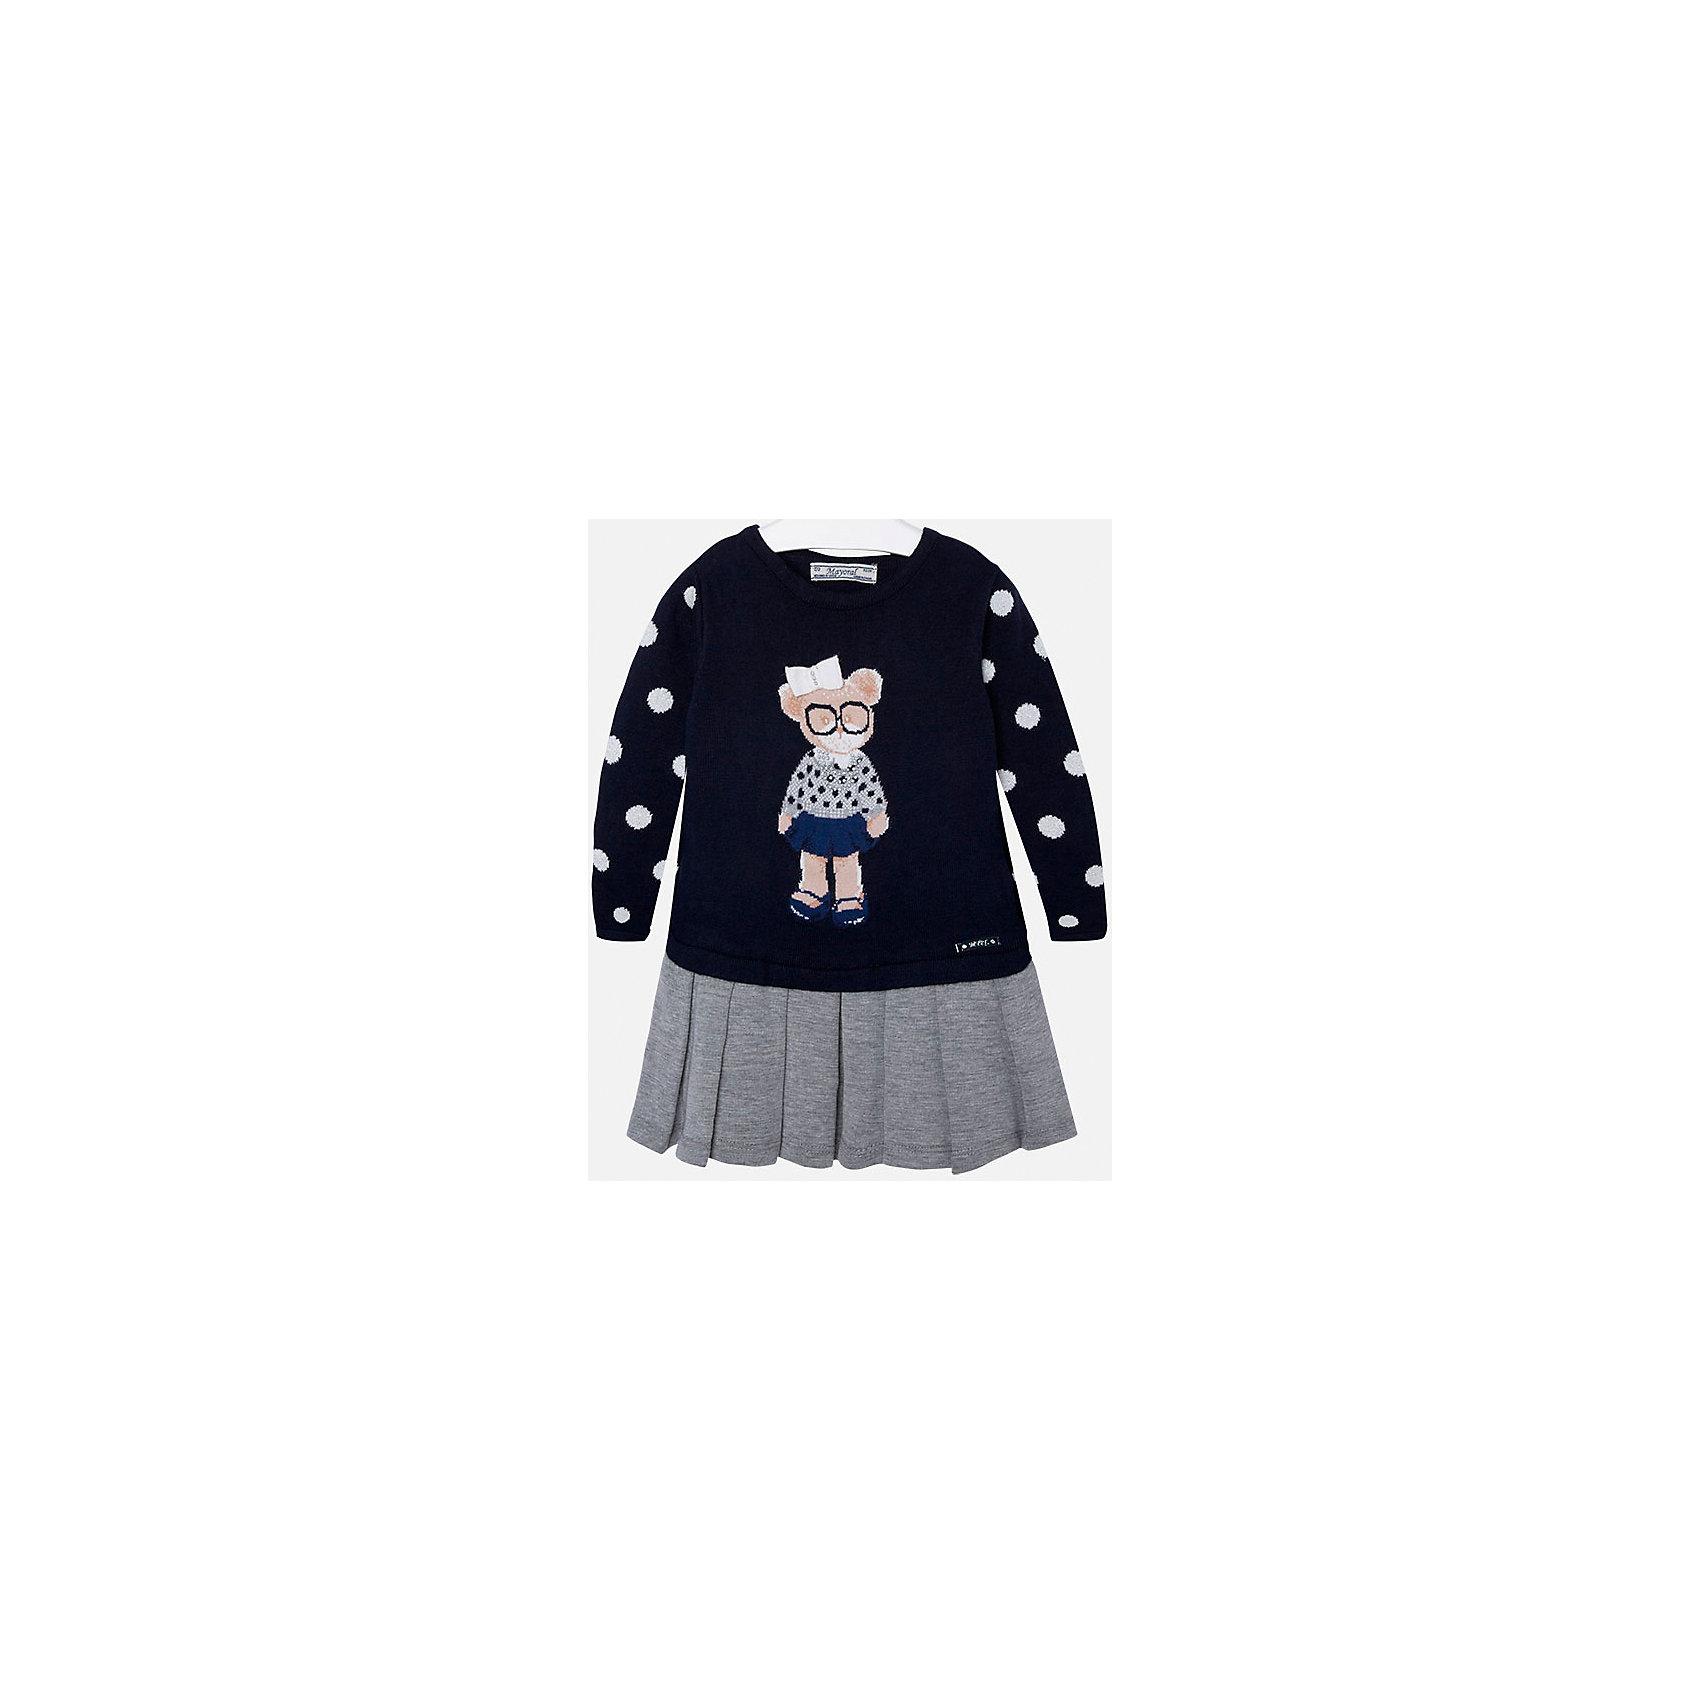 Платье для девочки MayoralОсенне-зимние платья и сарафаны<br>Платье для девочки от известного испанского бренда Mayoral(Майорал). Платье с длинным рукавом, украшено рисунком с медвежонком и стразами. Контрастная расцветка подчеркнет индивидуальность и стиль ребенка. Отличный выбор для маленькой модницы!<br>-длинные рукава<br>-украшено рисунком и стразами<br>-цвет: темно-синий/серый<br>-состав. 57% хлопок, 22% полиамид, 13% полиэстер, 8% шерсть; подкладка: 65% полиэстер, 35% хлопок<br>Платье Mayoral(Майорал) можно приобрести в нашем интернет-магазине.<br><br>Ширина мм: 236<br>Глубина мм: 16<br>Высота мм: 184<br>Вес г: 177<br>Цвет: синий<br>Возраст от месяцев: 24<br>Возраст до месяцев: 36<br>Пол: Женский<br>Возраст: Детский<br>Размер: 98,92,104,110,116,128,134,122<br>SKU: 4844432